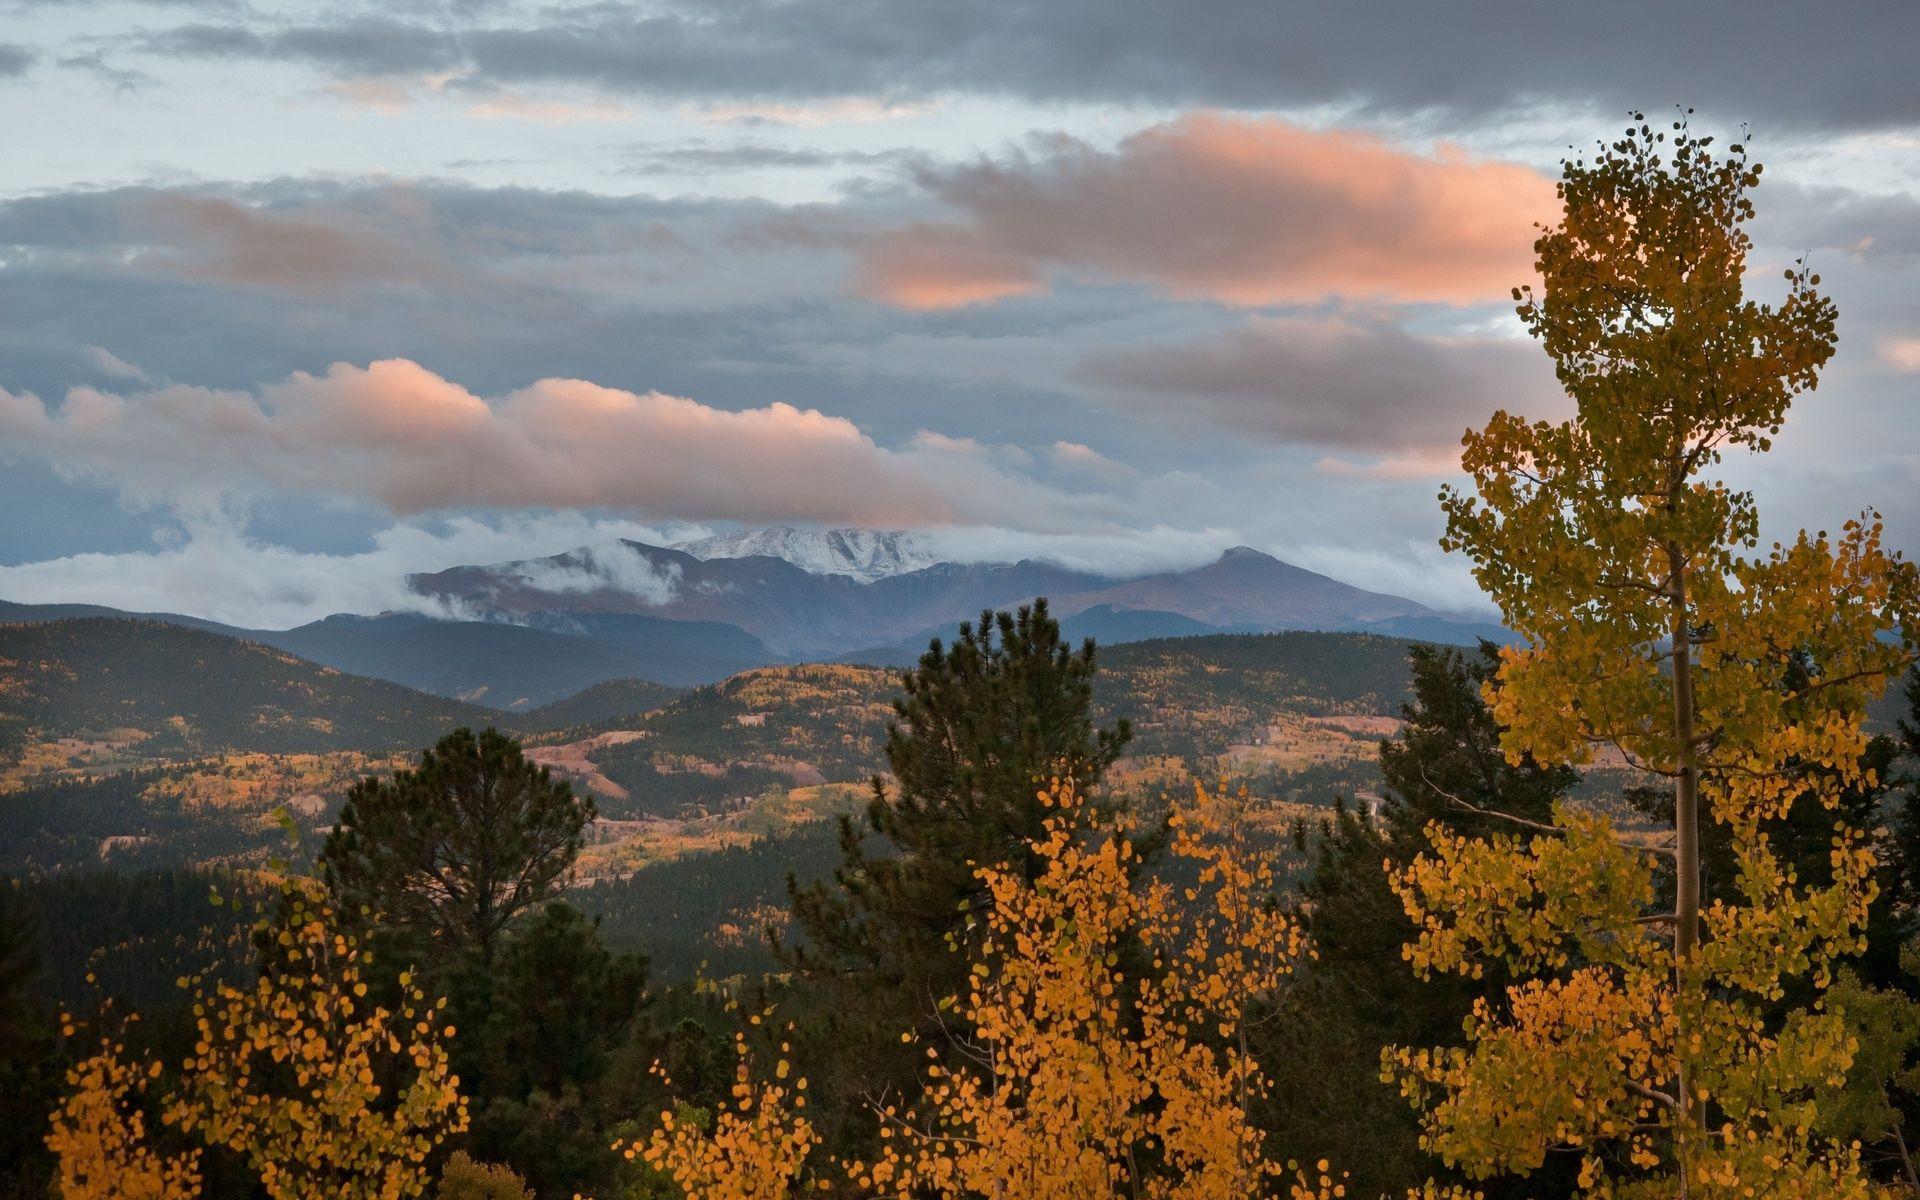 107049 скачать обои Природа, Осень, Небо, Облака, Деревья, Осины, Вечер, Горы, Сосны - заставки и картинки бесплатно